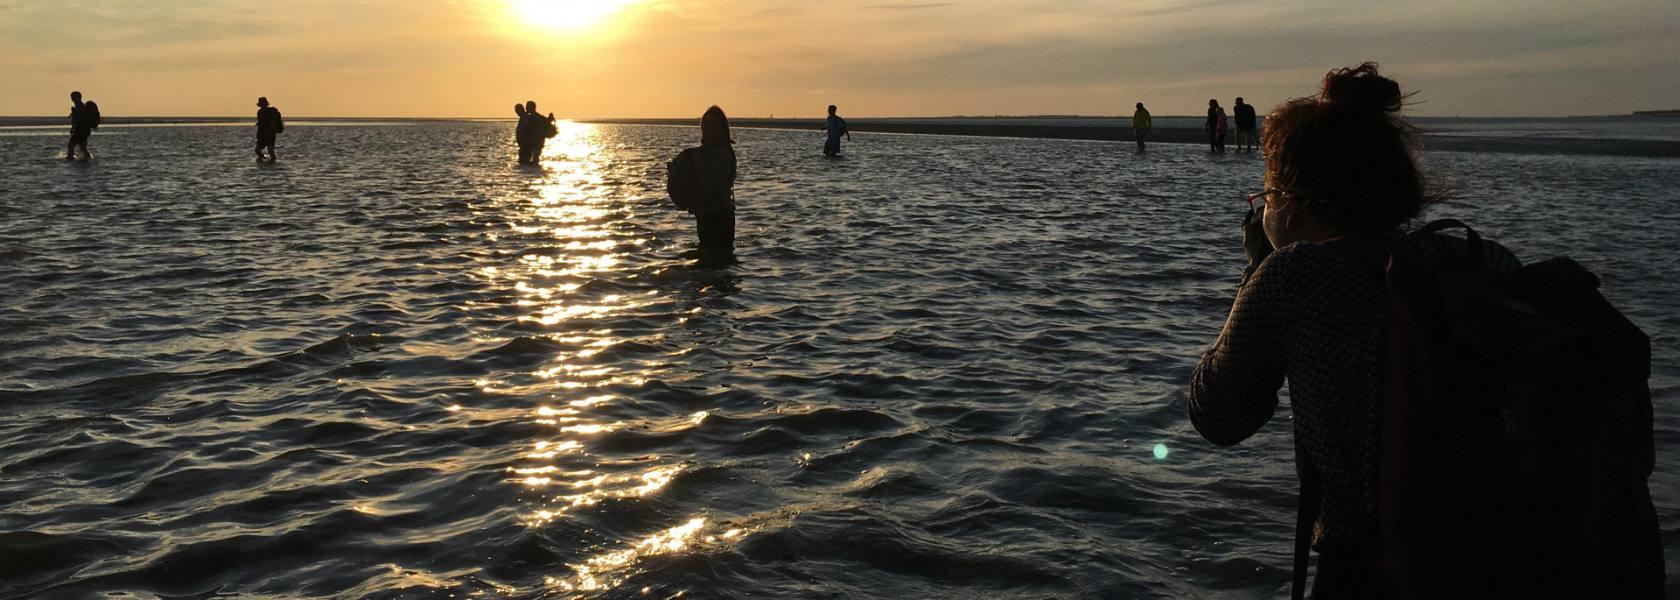 Wattwandern im Sonnenuntergang, © Die Nordsee GmbH, Katja Benke